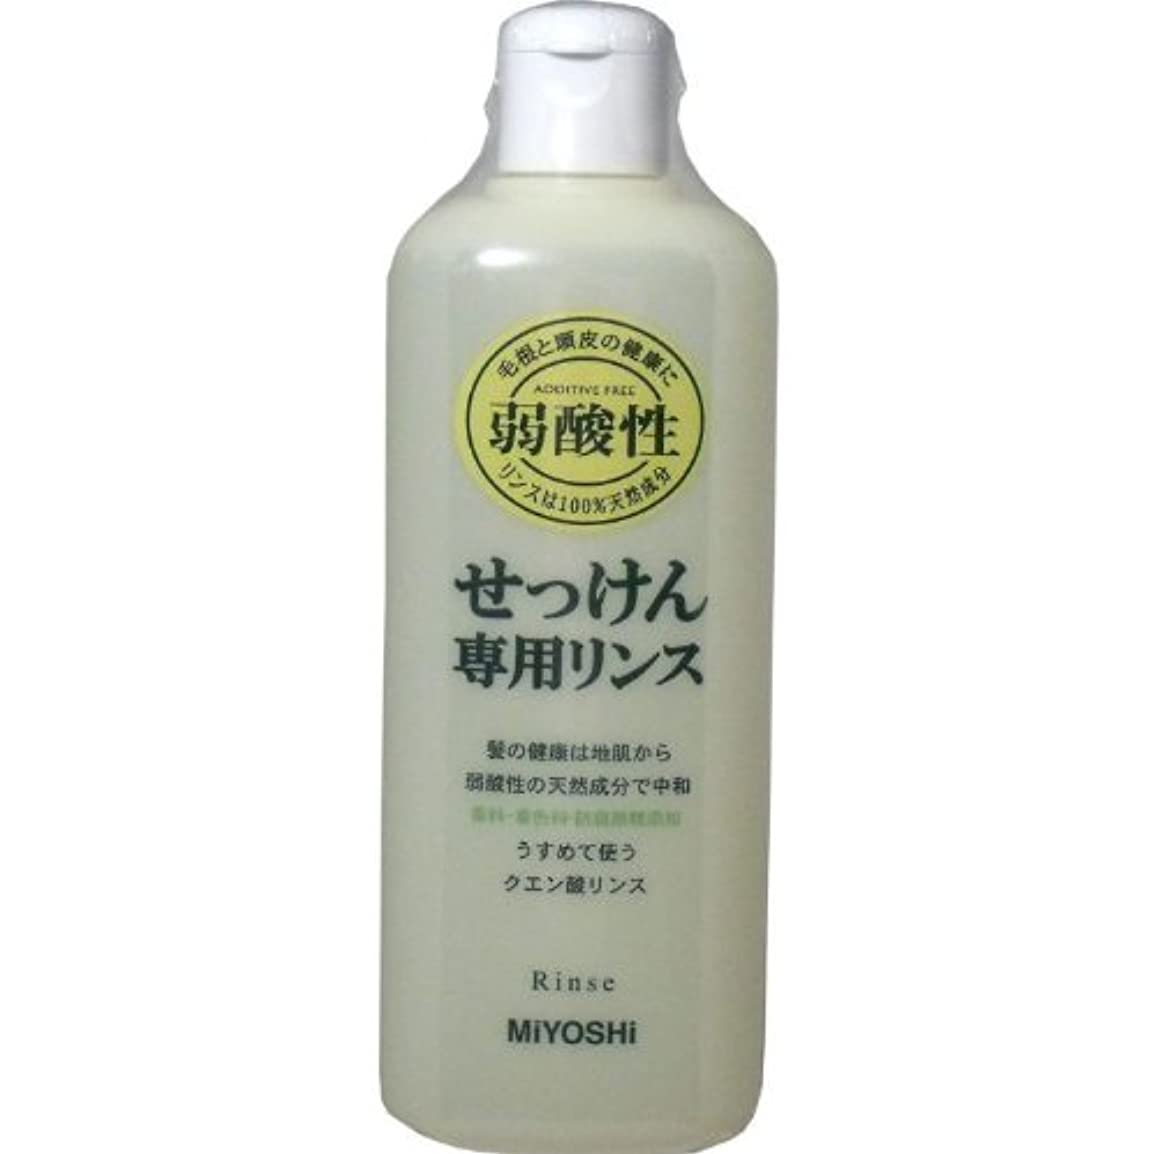 内訳壮大な自由髪の健康は地肌から、弱酸性の天然成分で中和!!香料、防腐剤、着色料無添加!うすめて使うクエン酸リンス!リンス 350mL